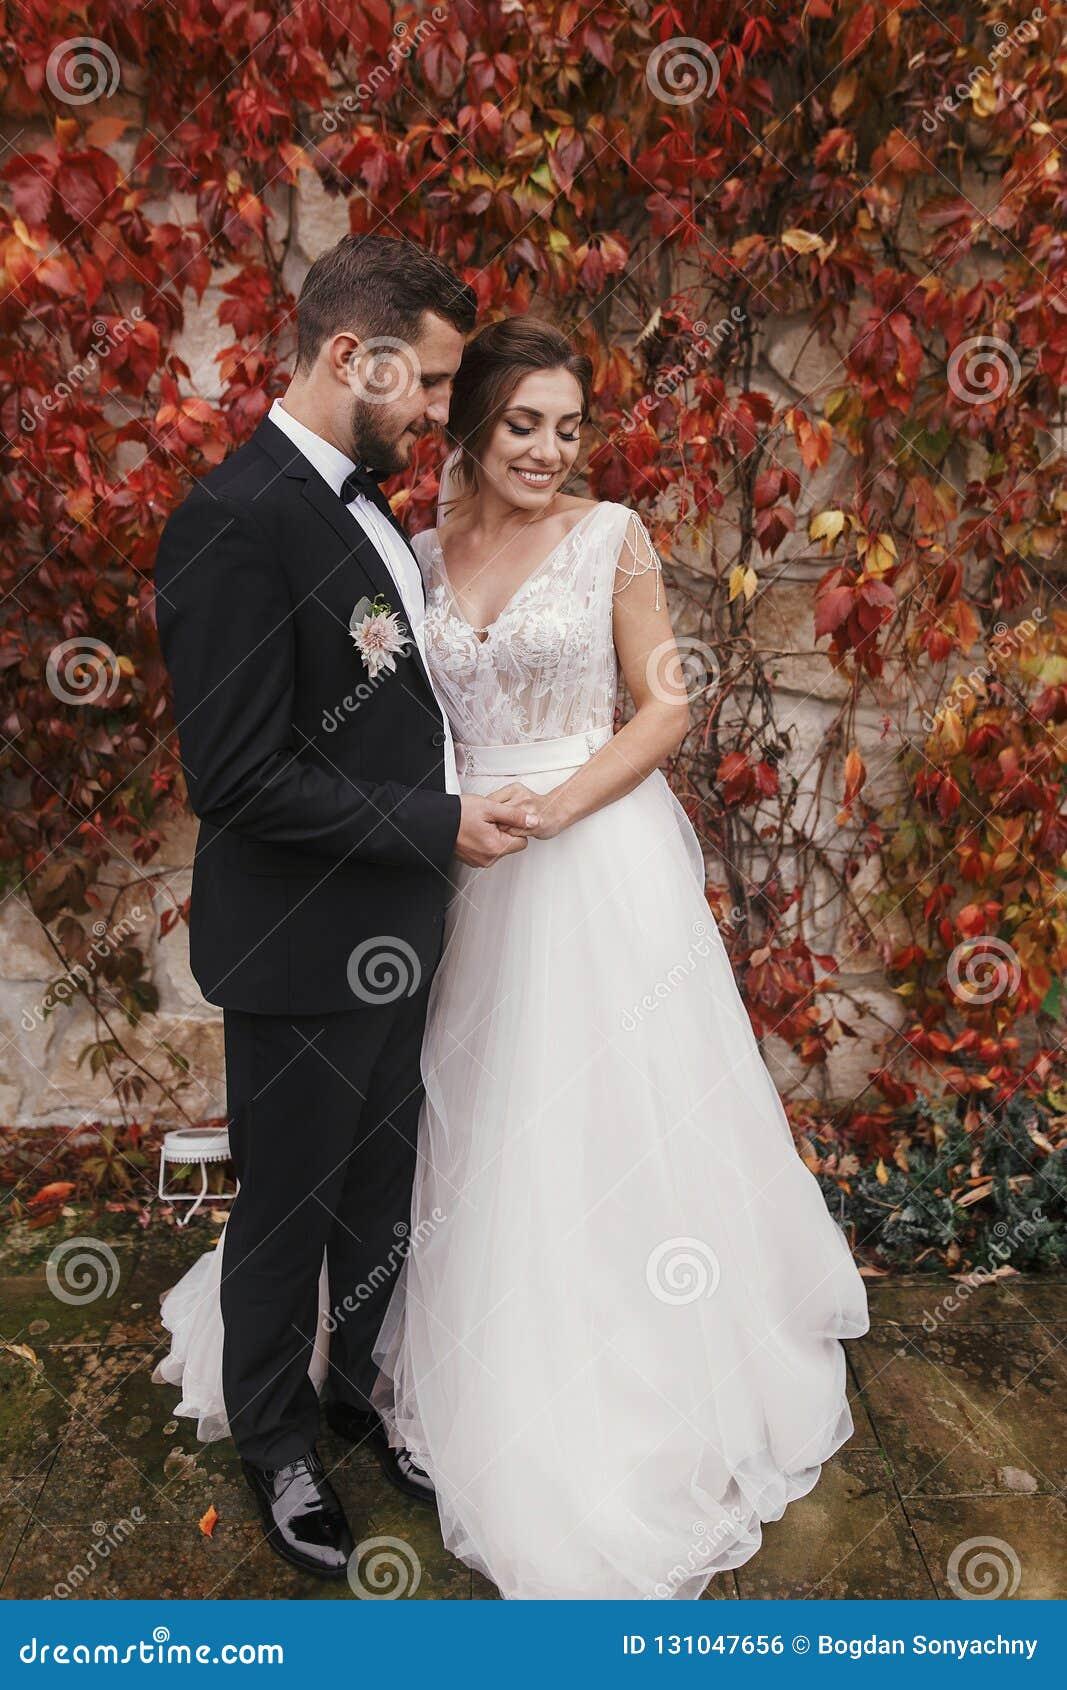 Jeune mariée magnifique et marié élégant doucement étreignant et souriant à W